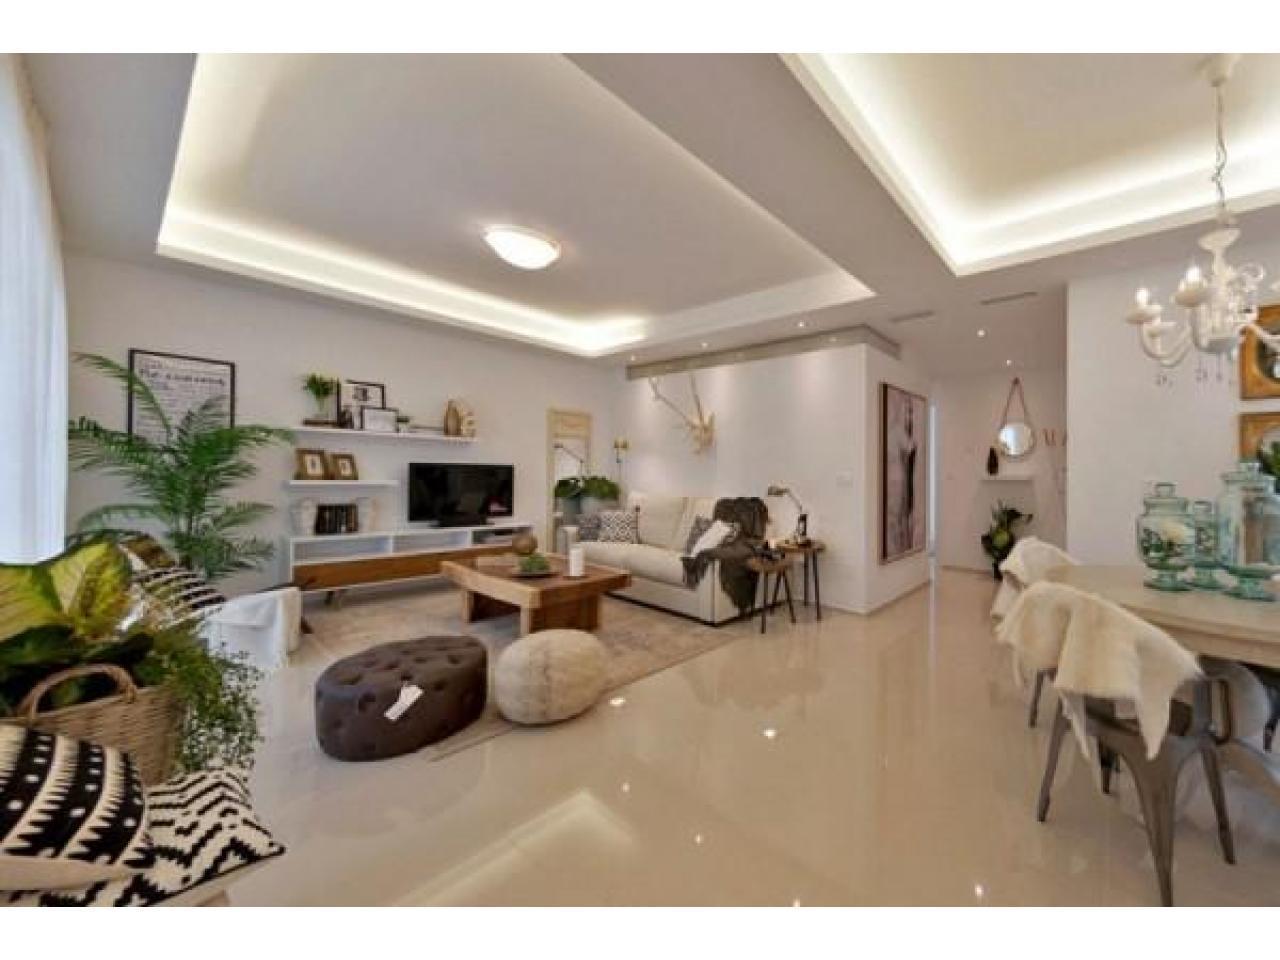 Недвижимость в Испании, Новые бунгало от застройщика в Сьюдад Кесада,Коста Бланка,Испания - 2